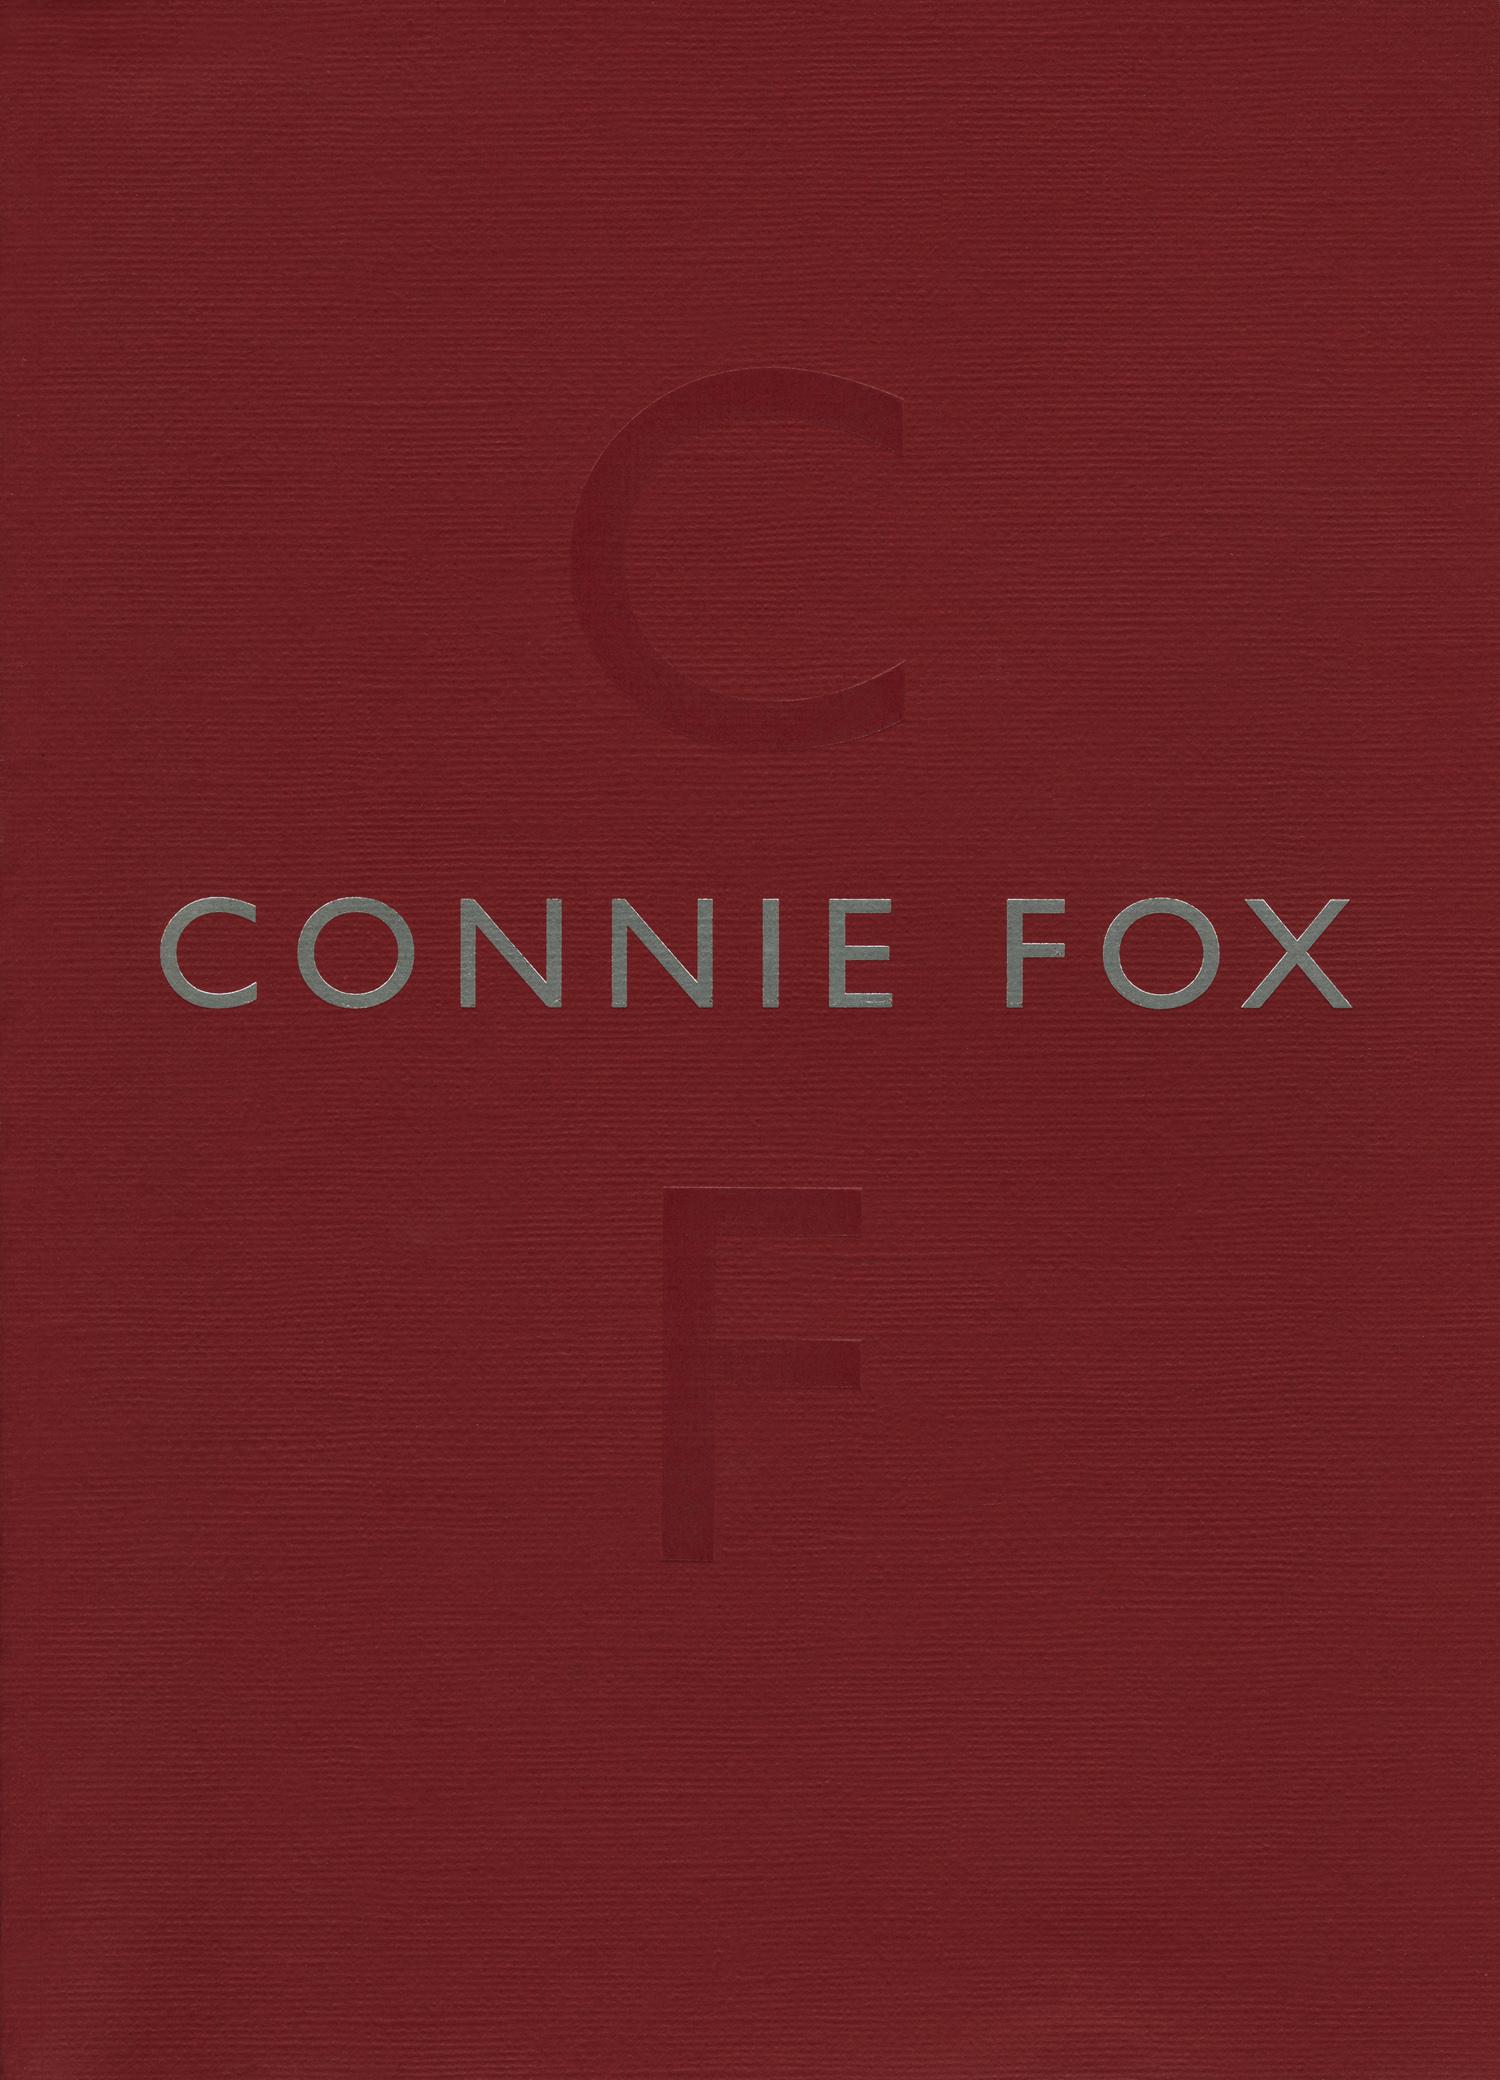 Connie Fox Cover.jpg